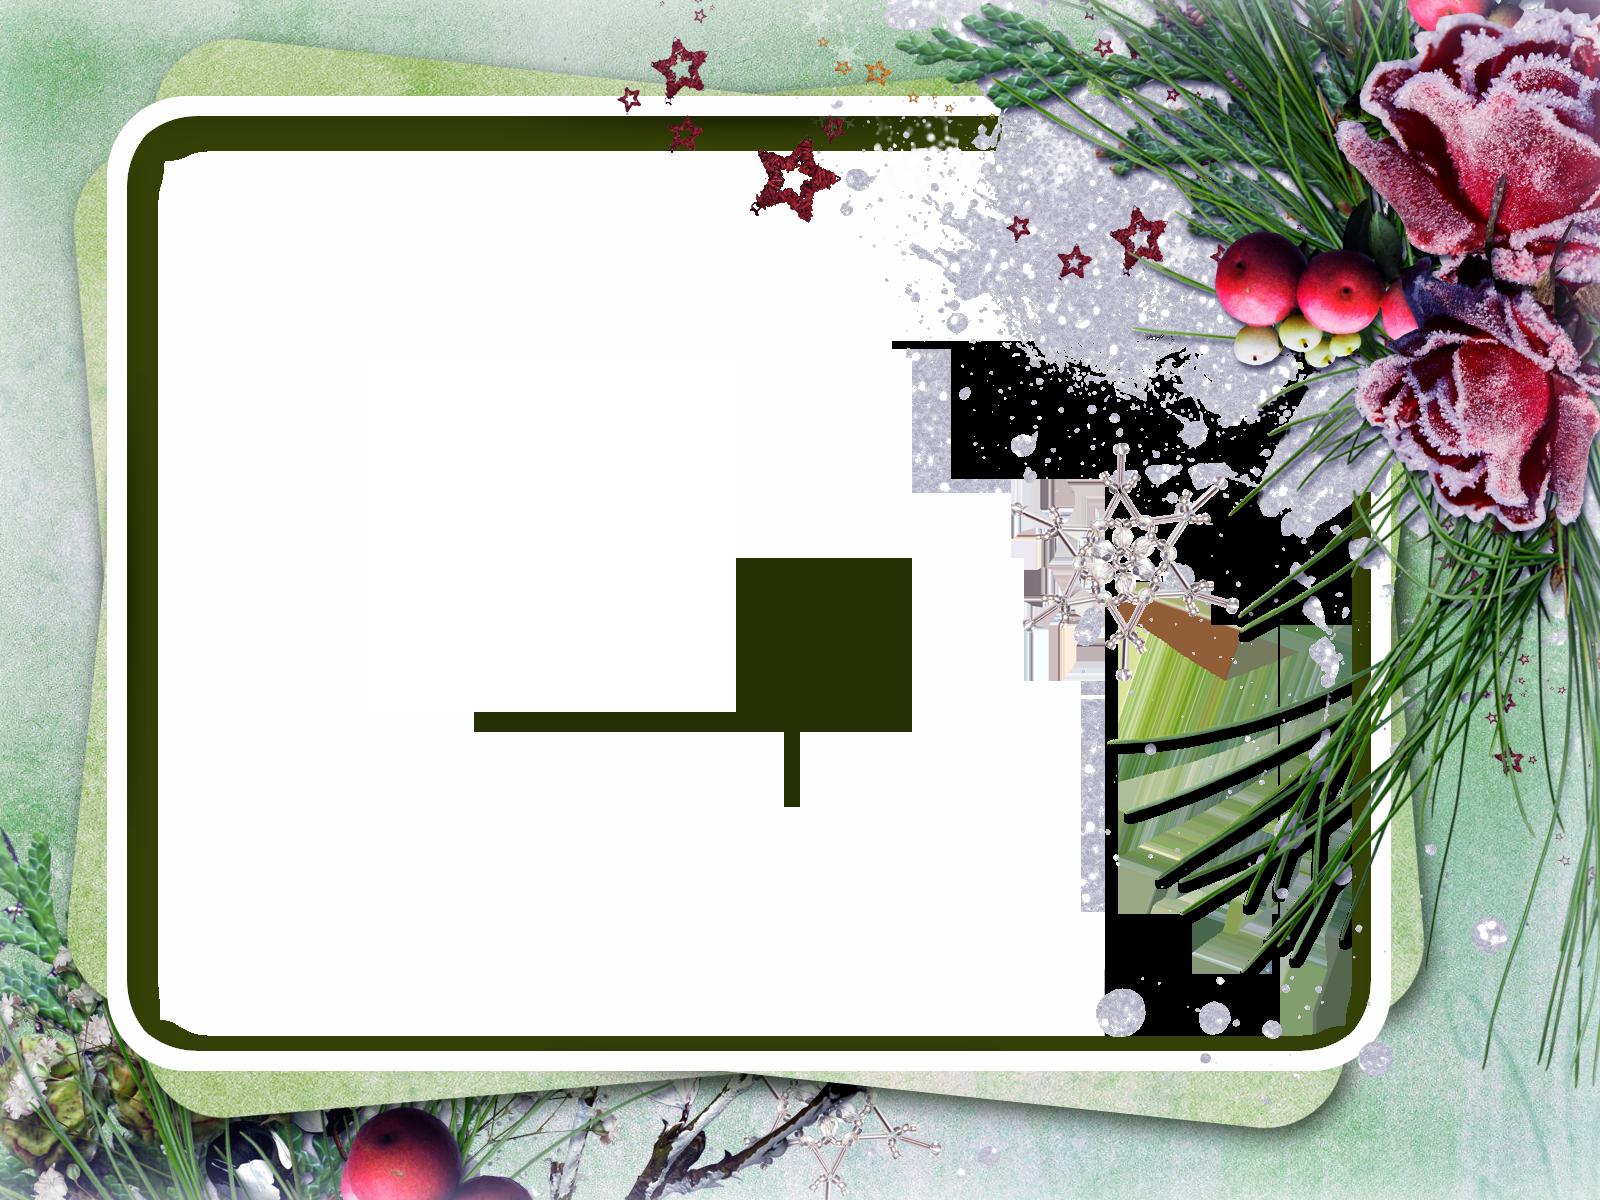 кашля фон для поздравлений зимой этом году